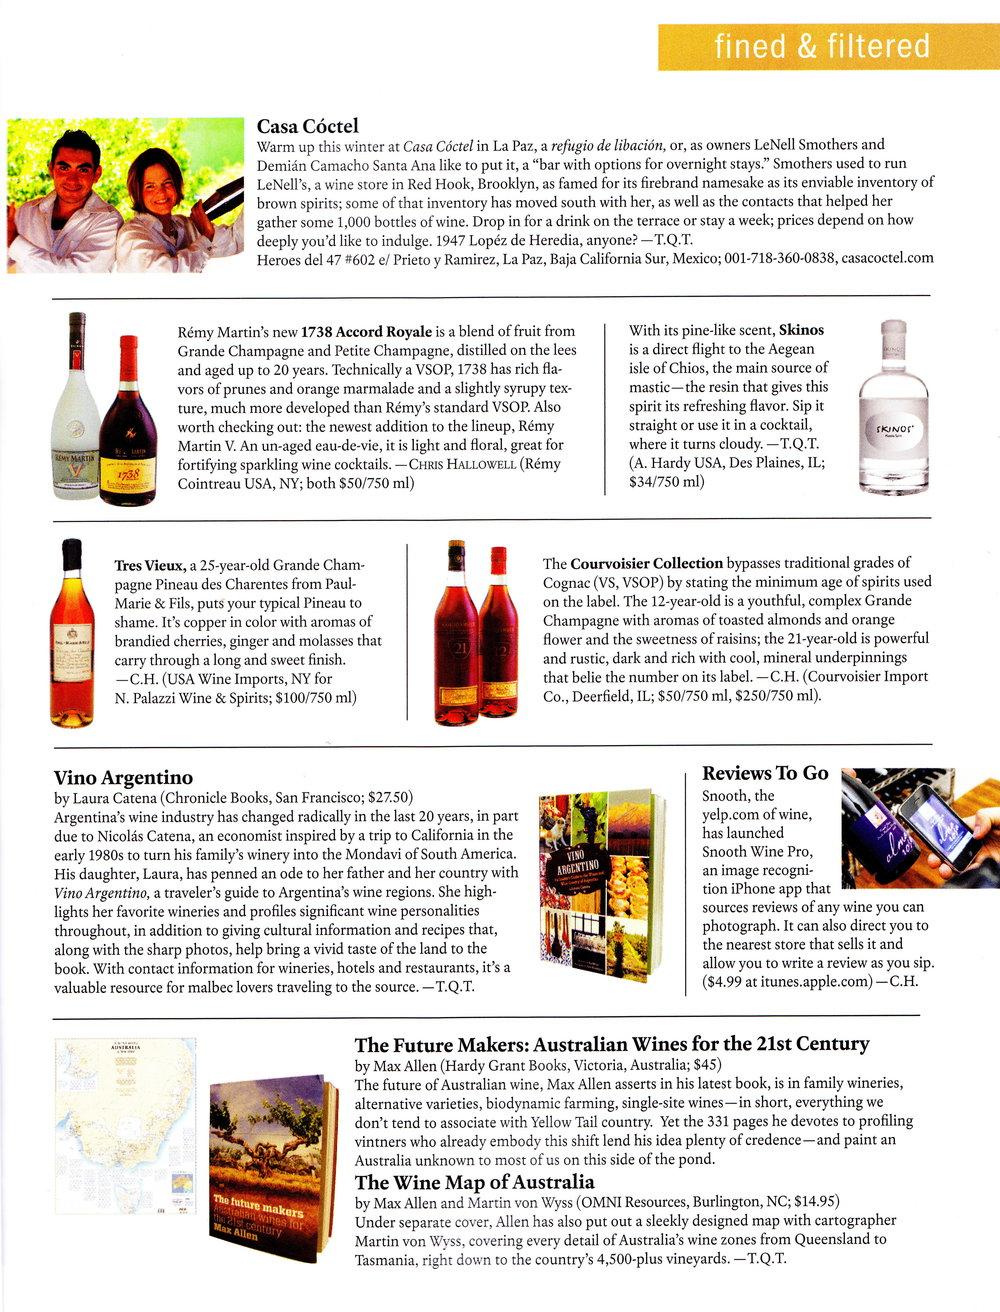 W&S Mag Feb 2011 text.jpg